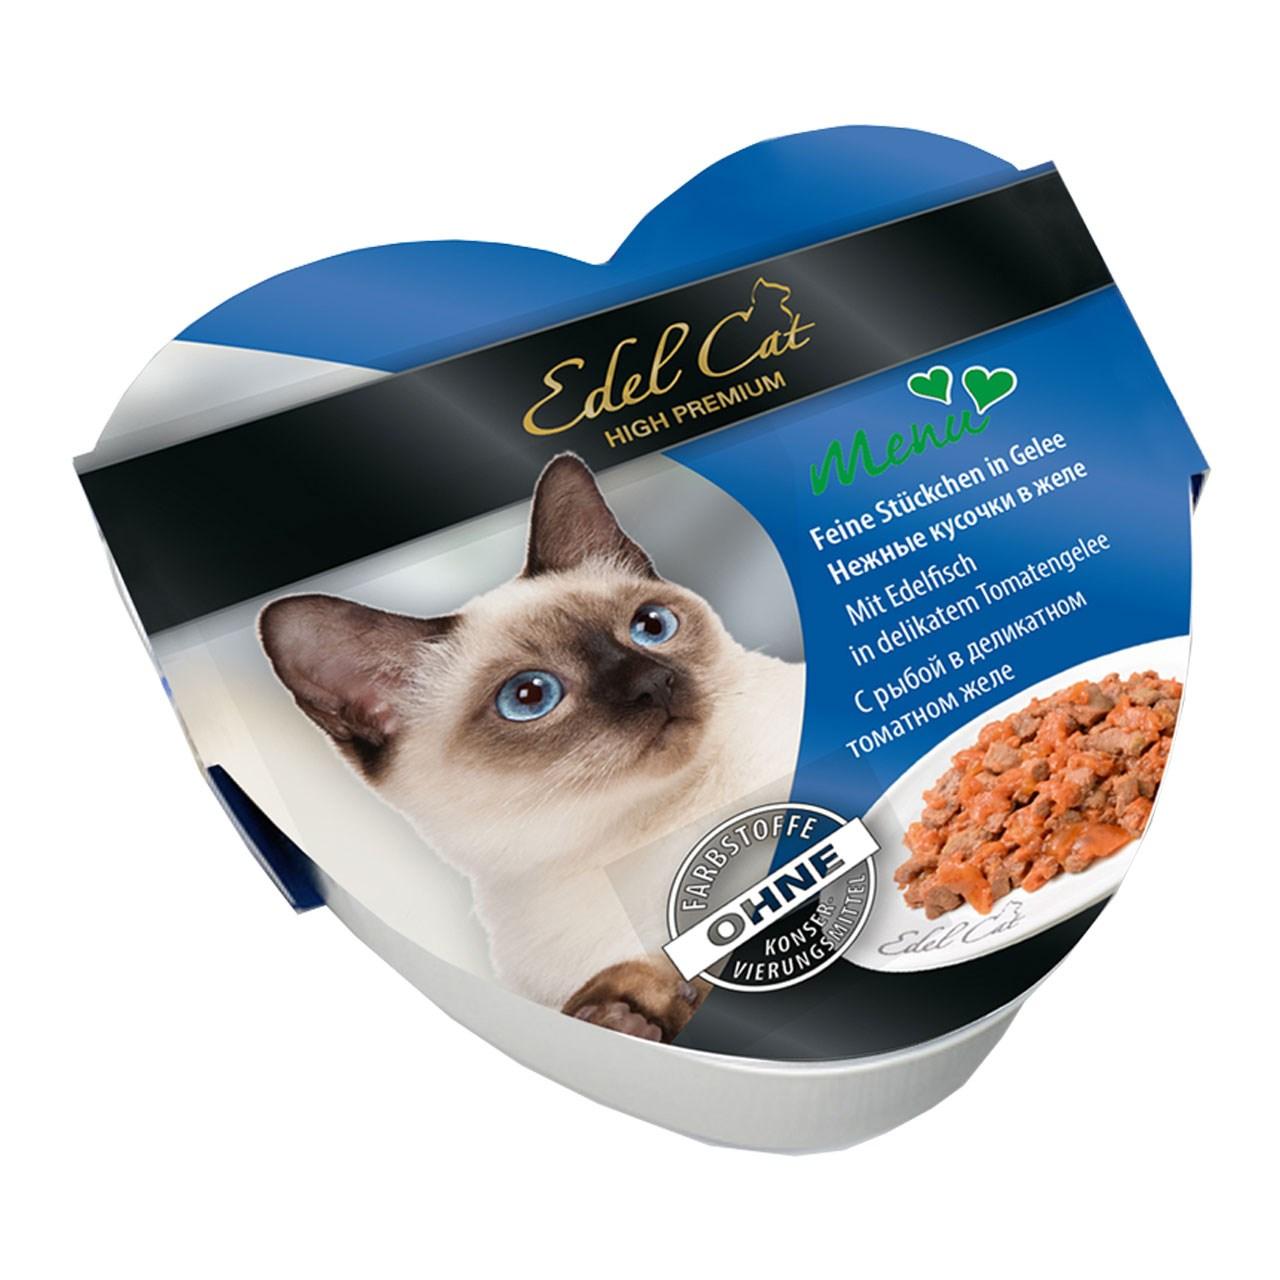 کنسرو ایدل کت گربه قلبی شکل حاوی گوشت گوساله و بره در سس پرتقال 85 گرمی